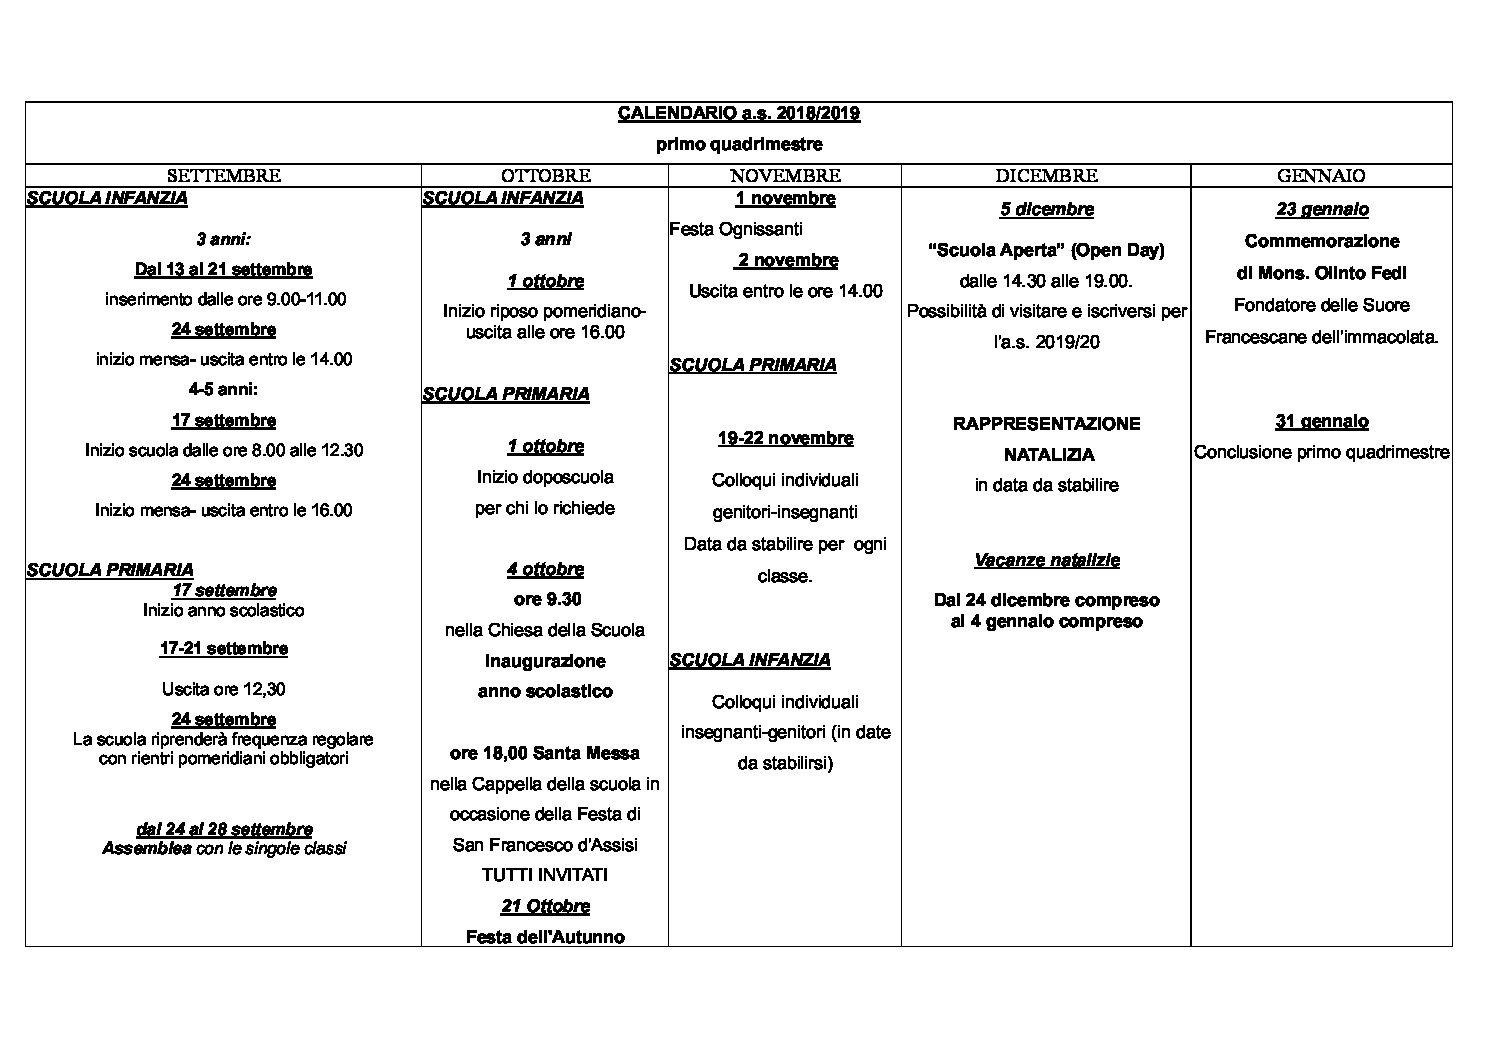 Calendario Veneto.Calendario Scolastico Scuola Vittorio Veneto